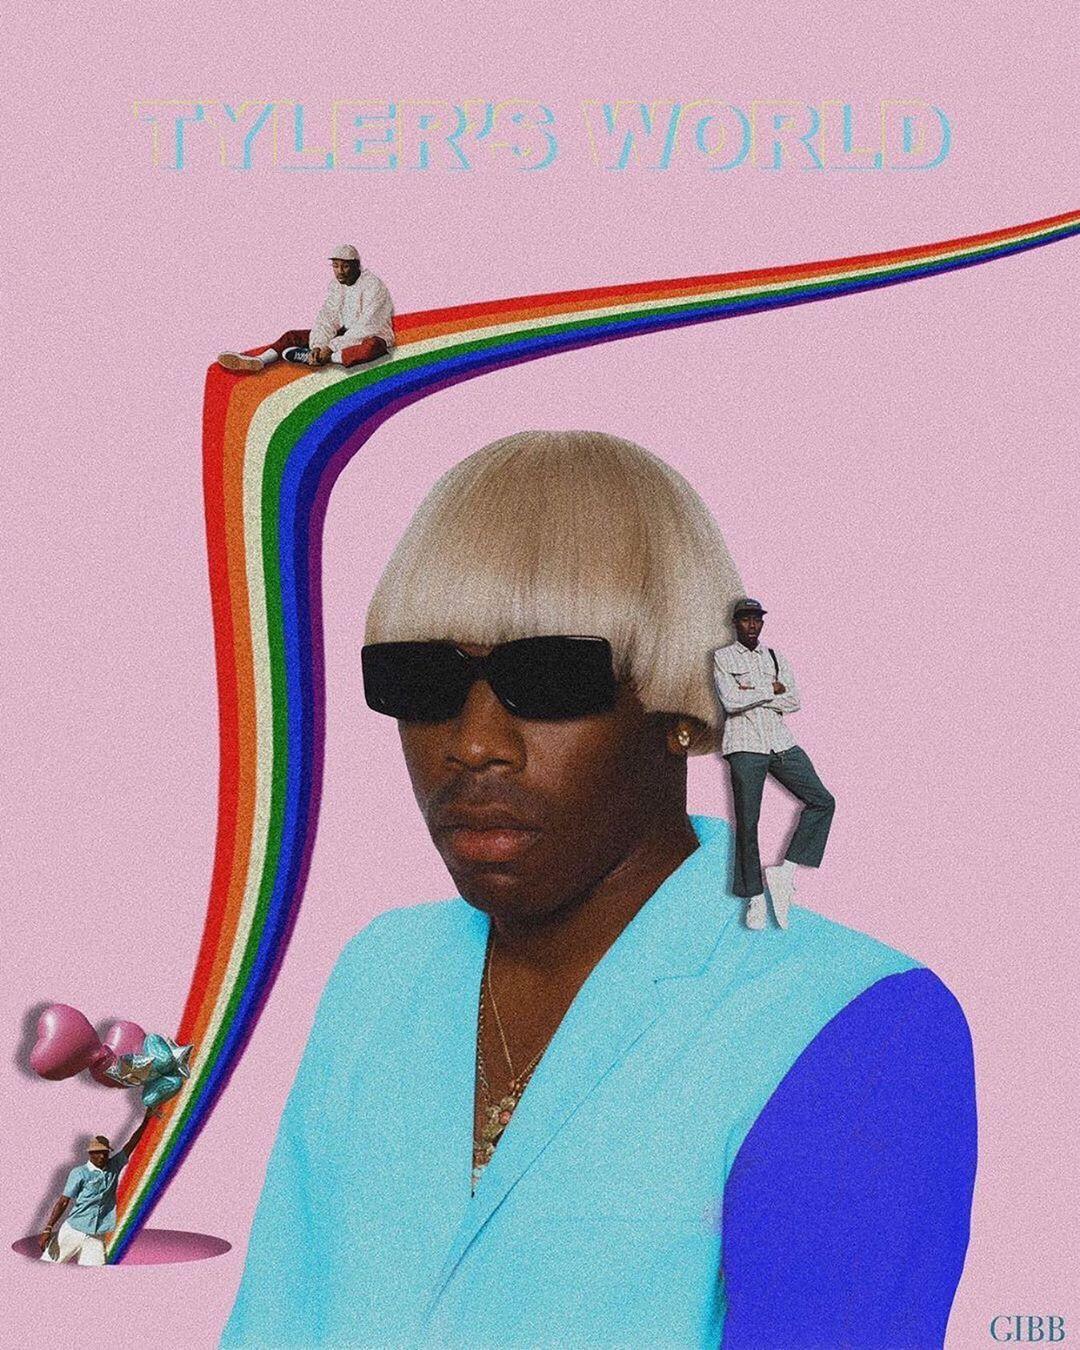 Tyler Is Art On Instagram Favorite Song On Igor Pc Editsbygibb Tyler The Creator Wallpaper Tyler The Creator Tyler